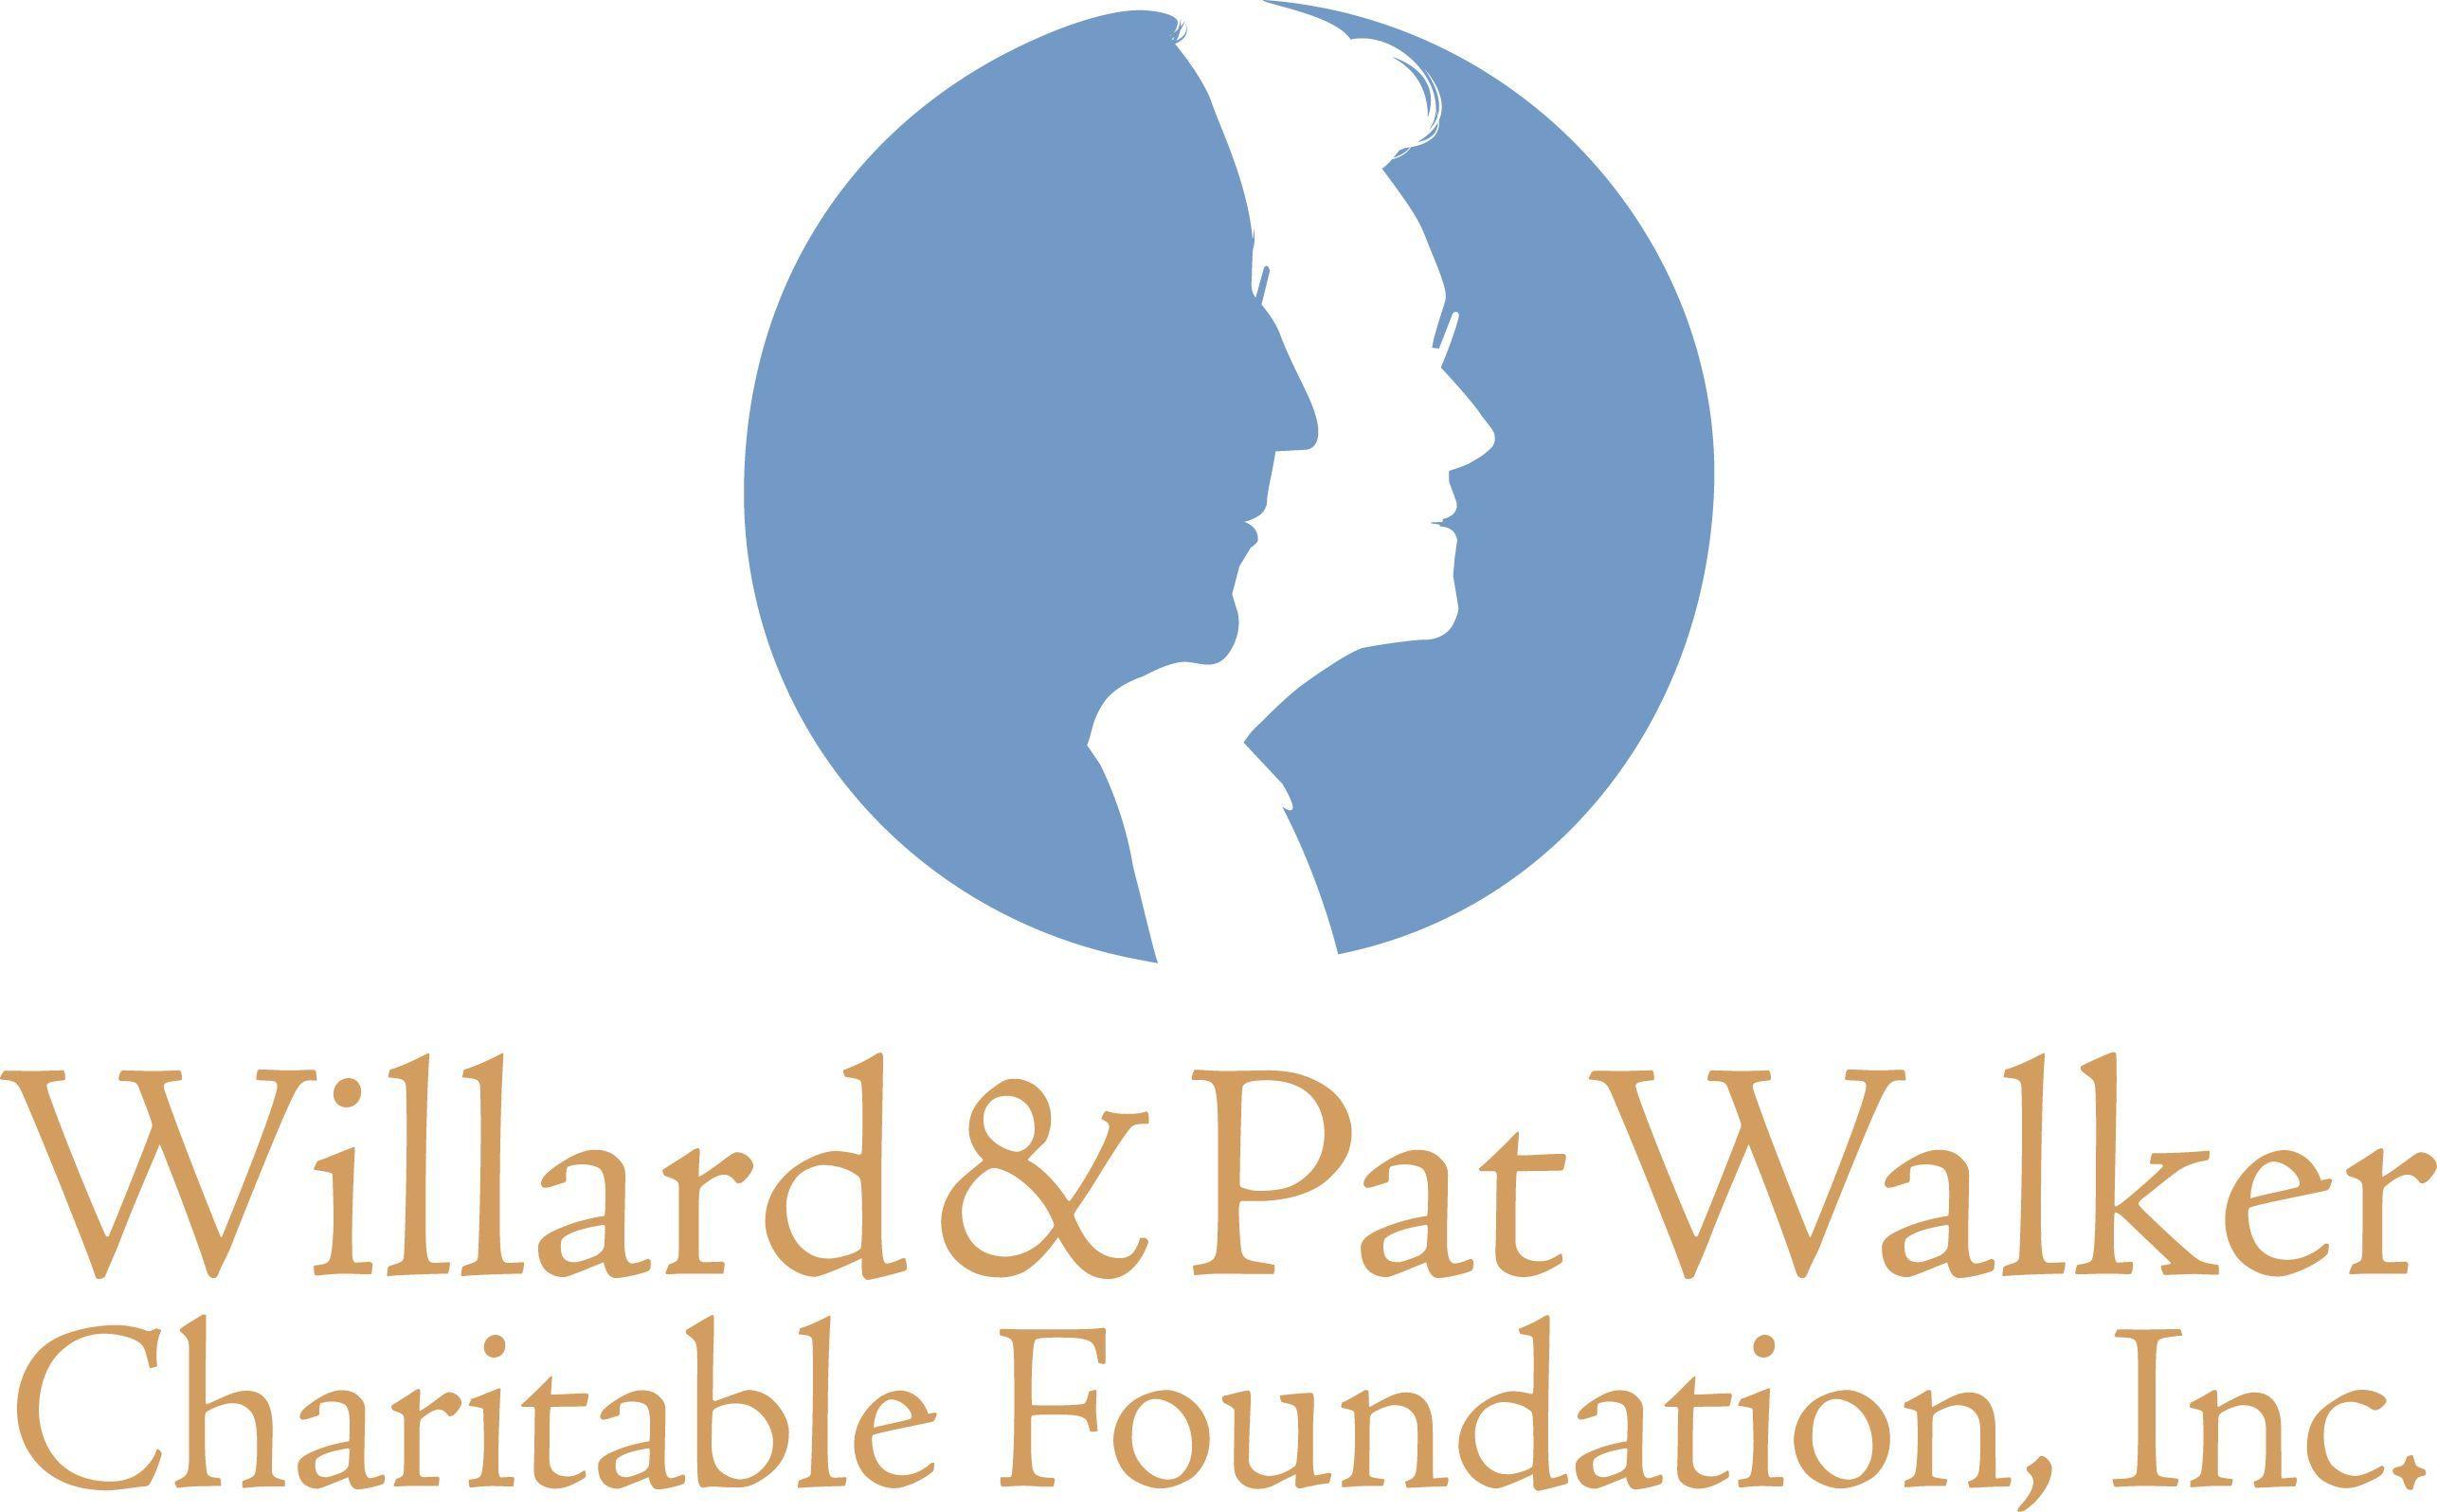 Willard & Pat Walker